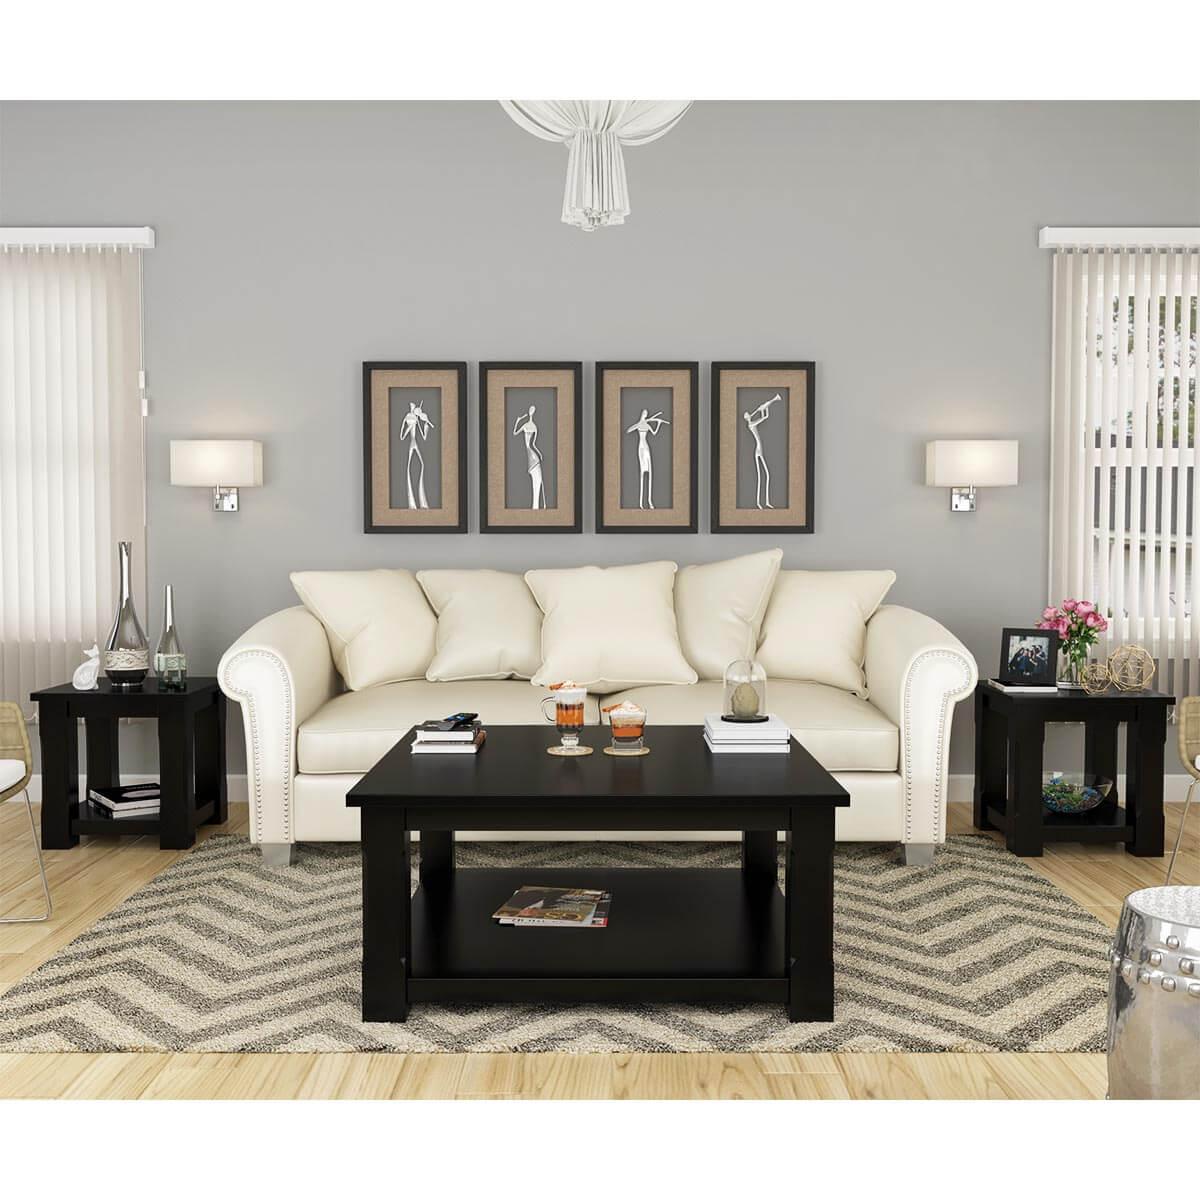 Black Solid Wood Coffee Table: Brimson Black Solid Wood 3 Piece Coffee Table Set